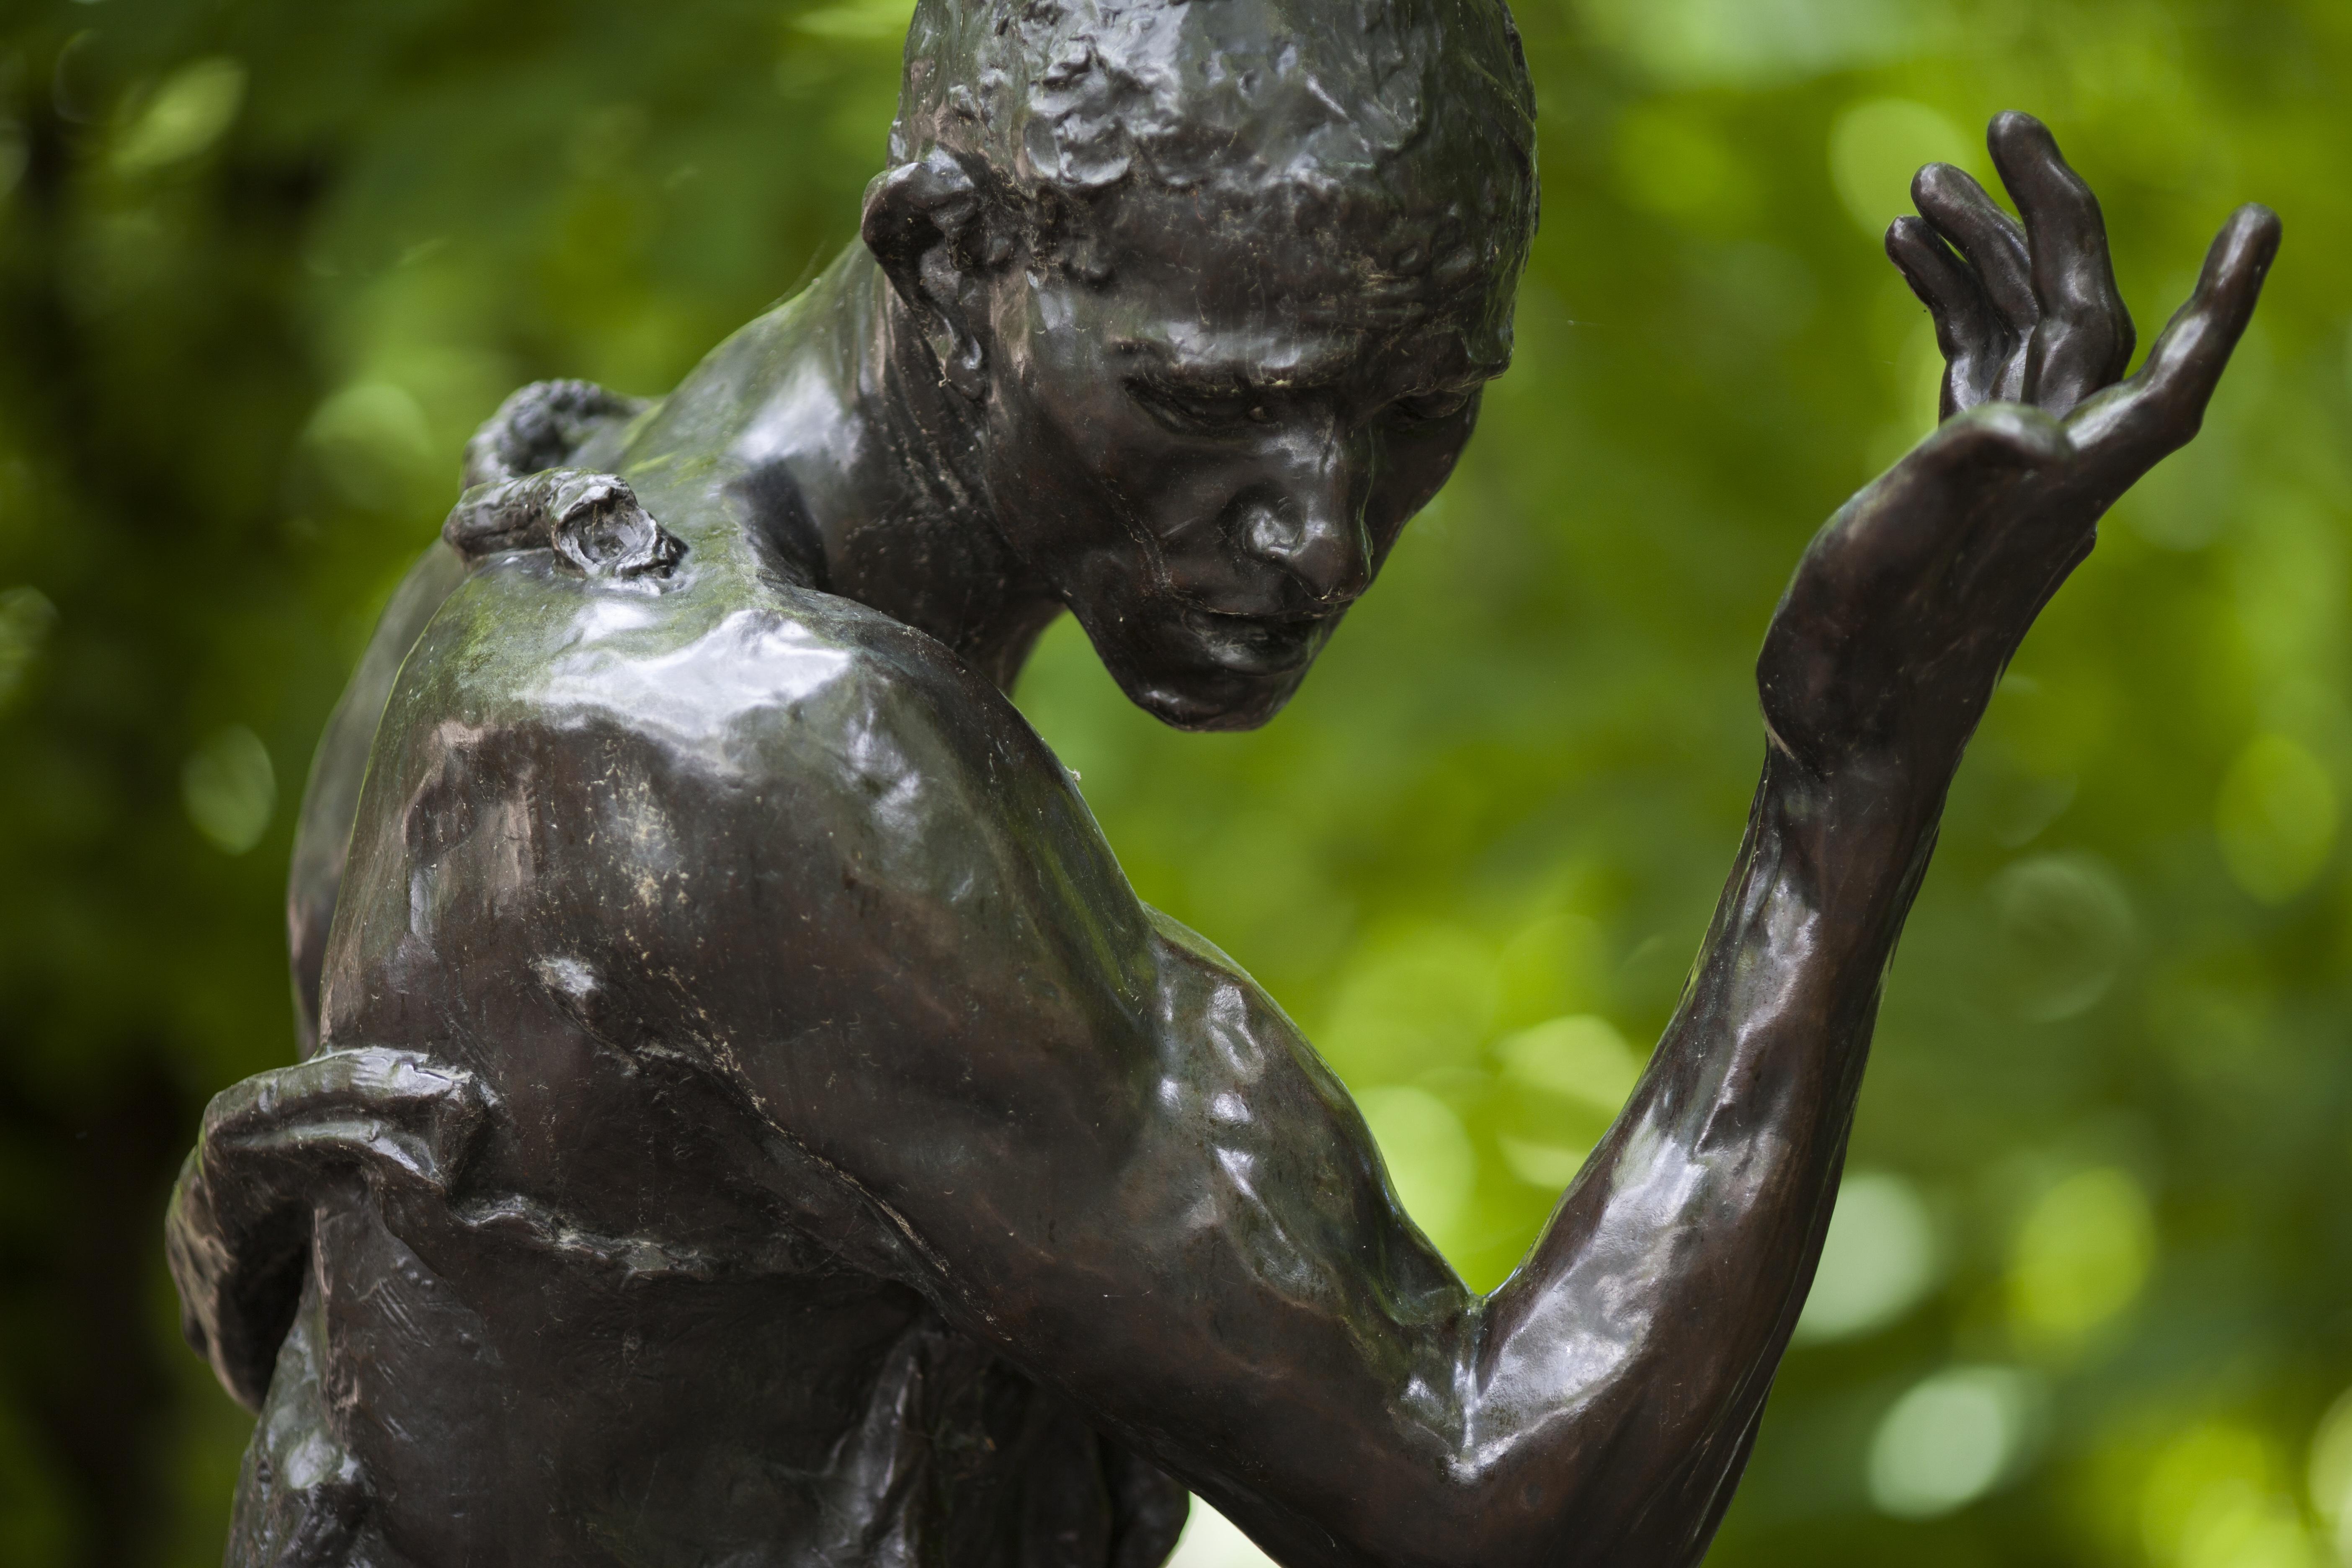 Auguste Rodin, Pierre de Wissant, détail, bronze, 1887, H. : 214 cm ; L. : 106 cm ; P. : 118 cm, S.6139, © Musée Rodin, Alexis Berg